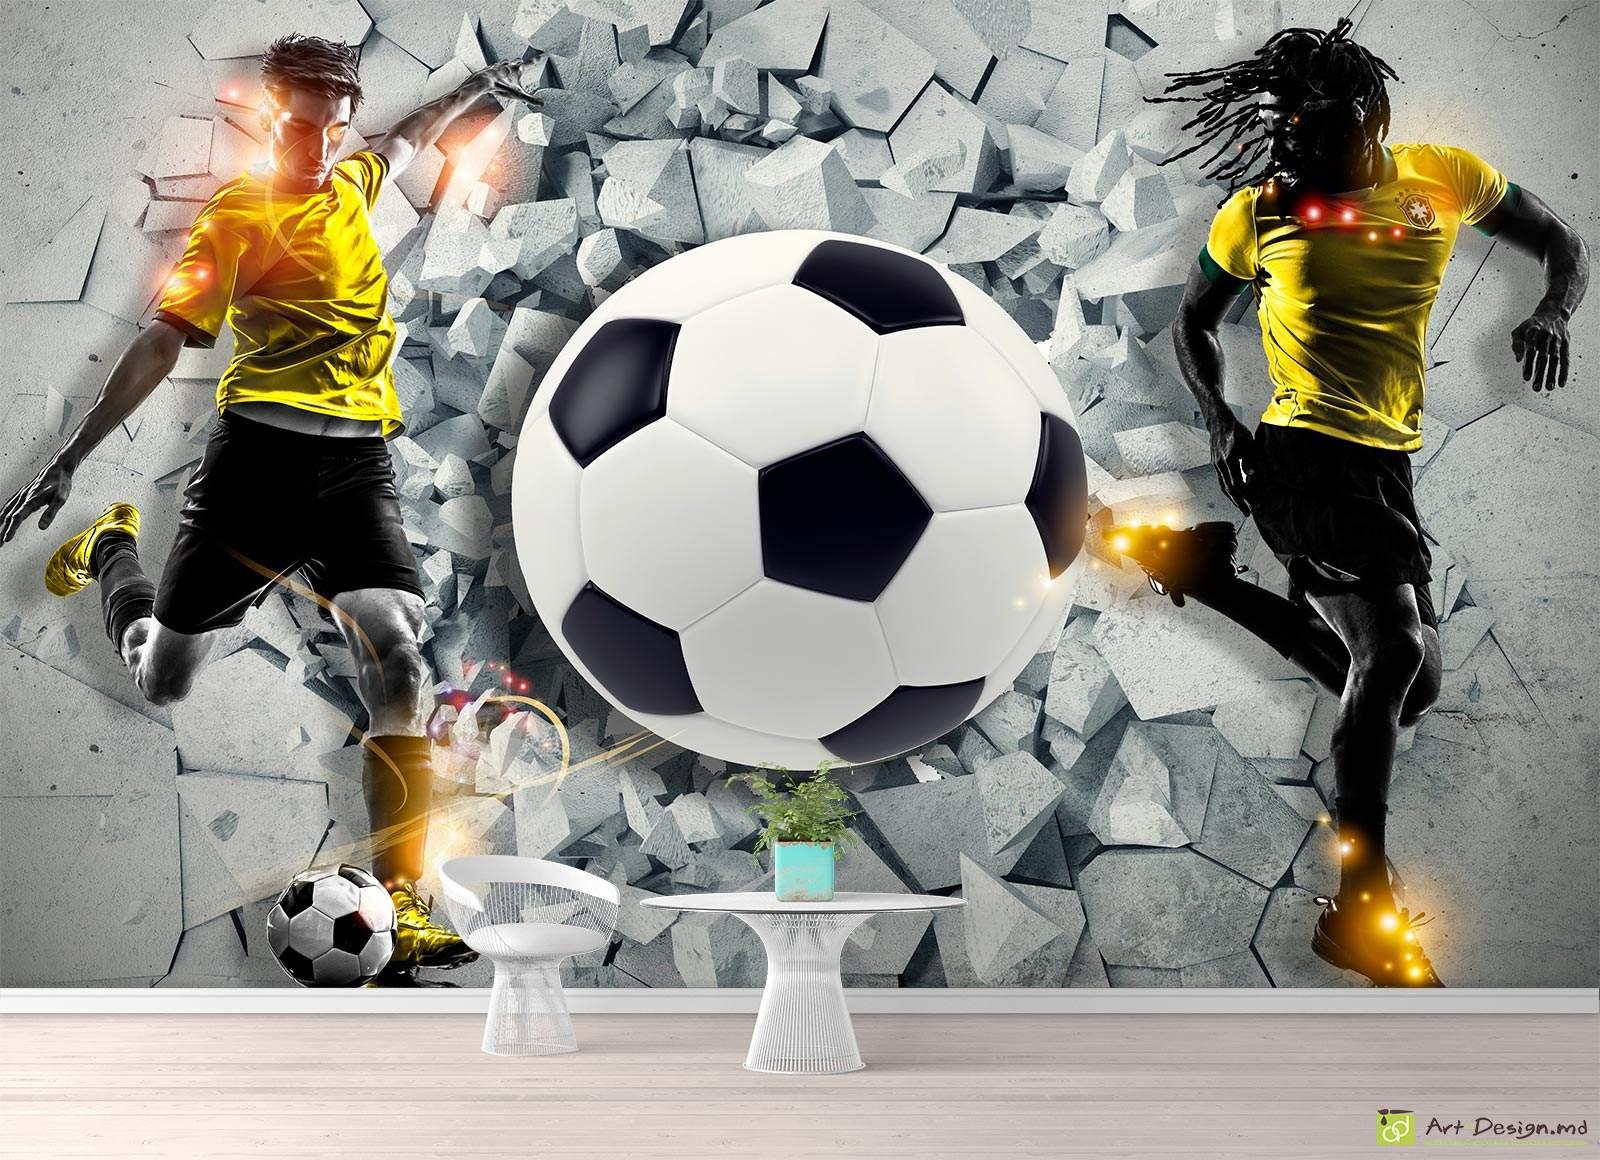 Фотозаставки на футбольную тему